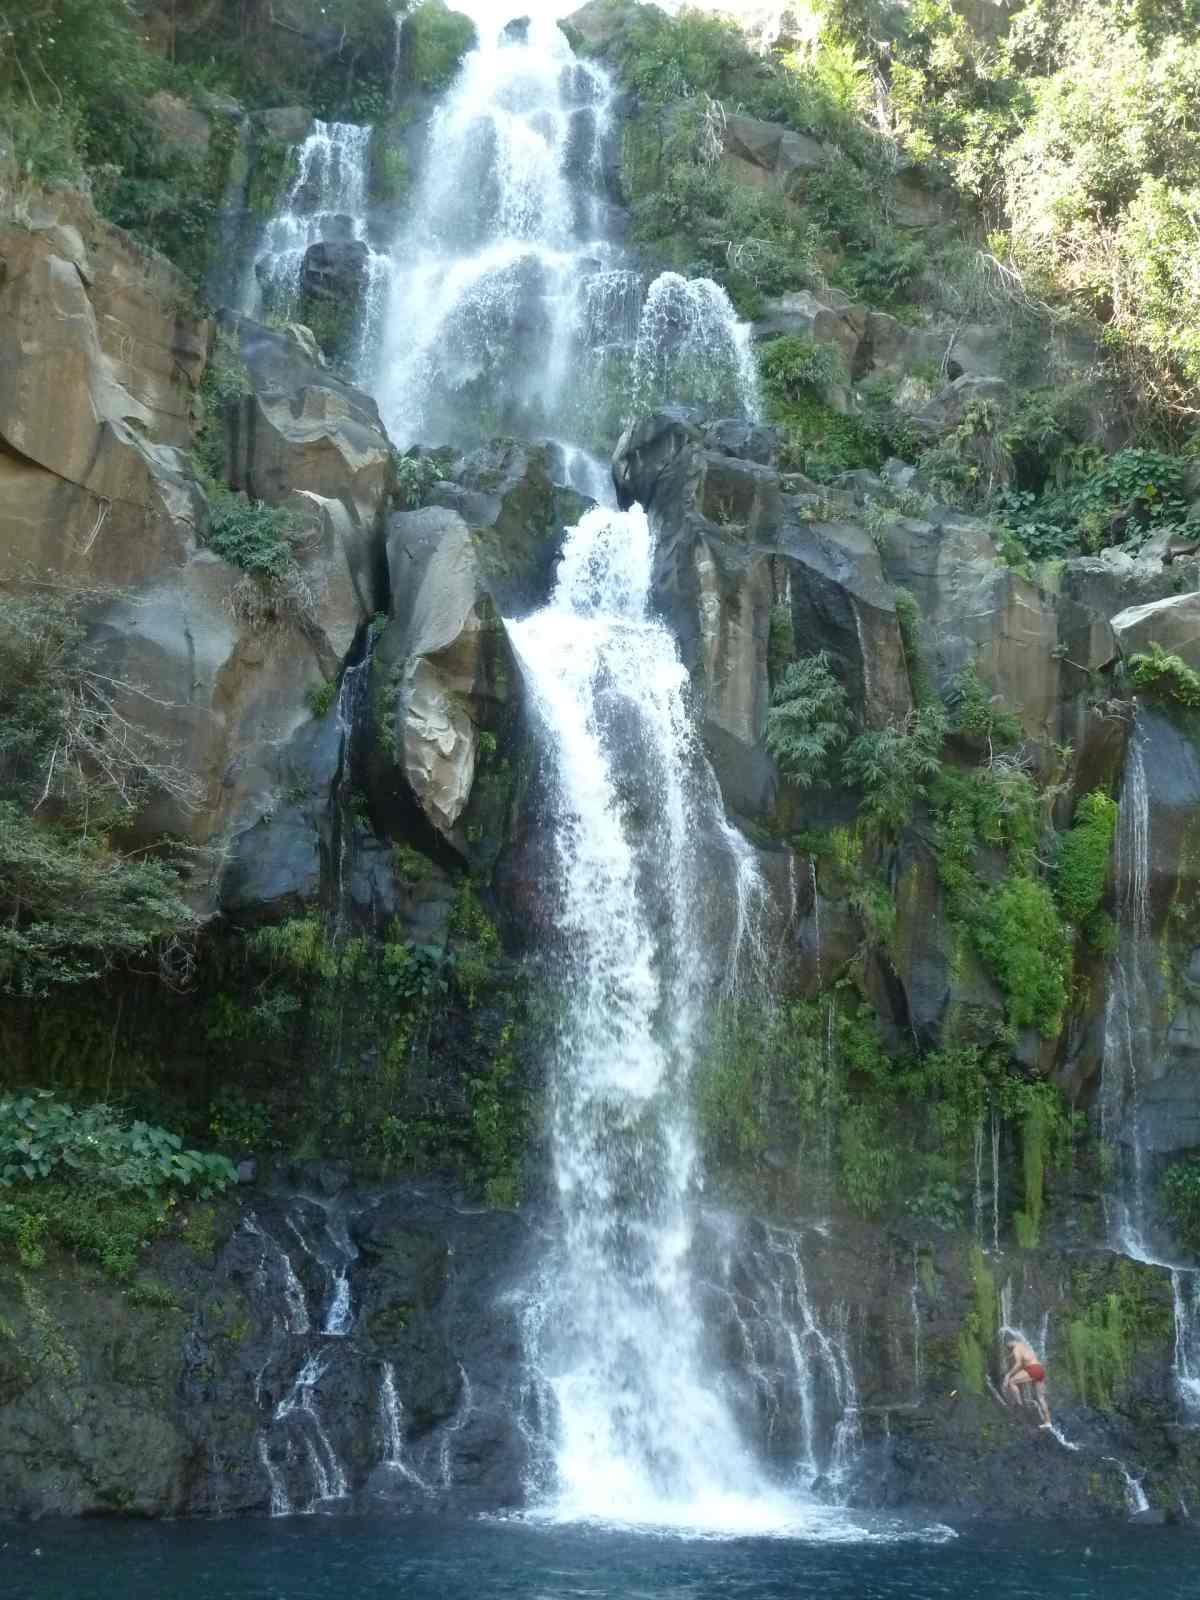 Wasserfall stürzt an einer Felswand runter.